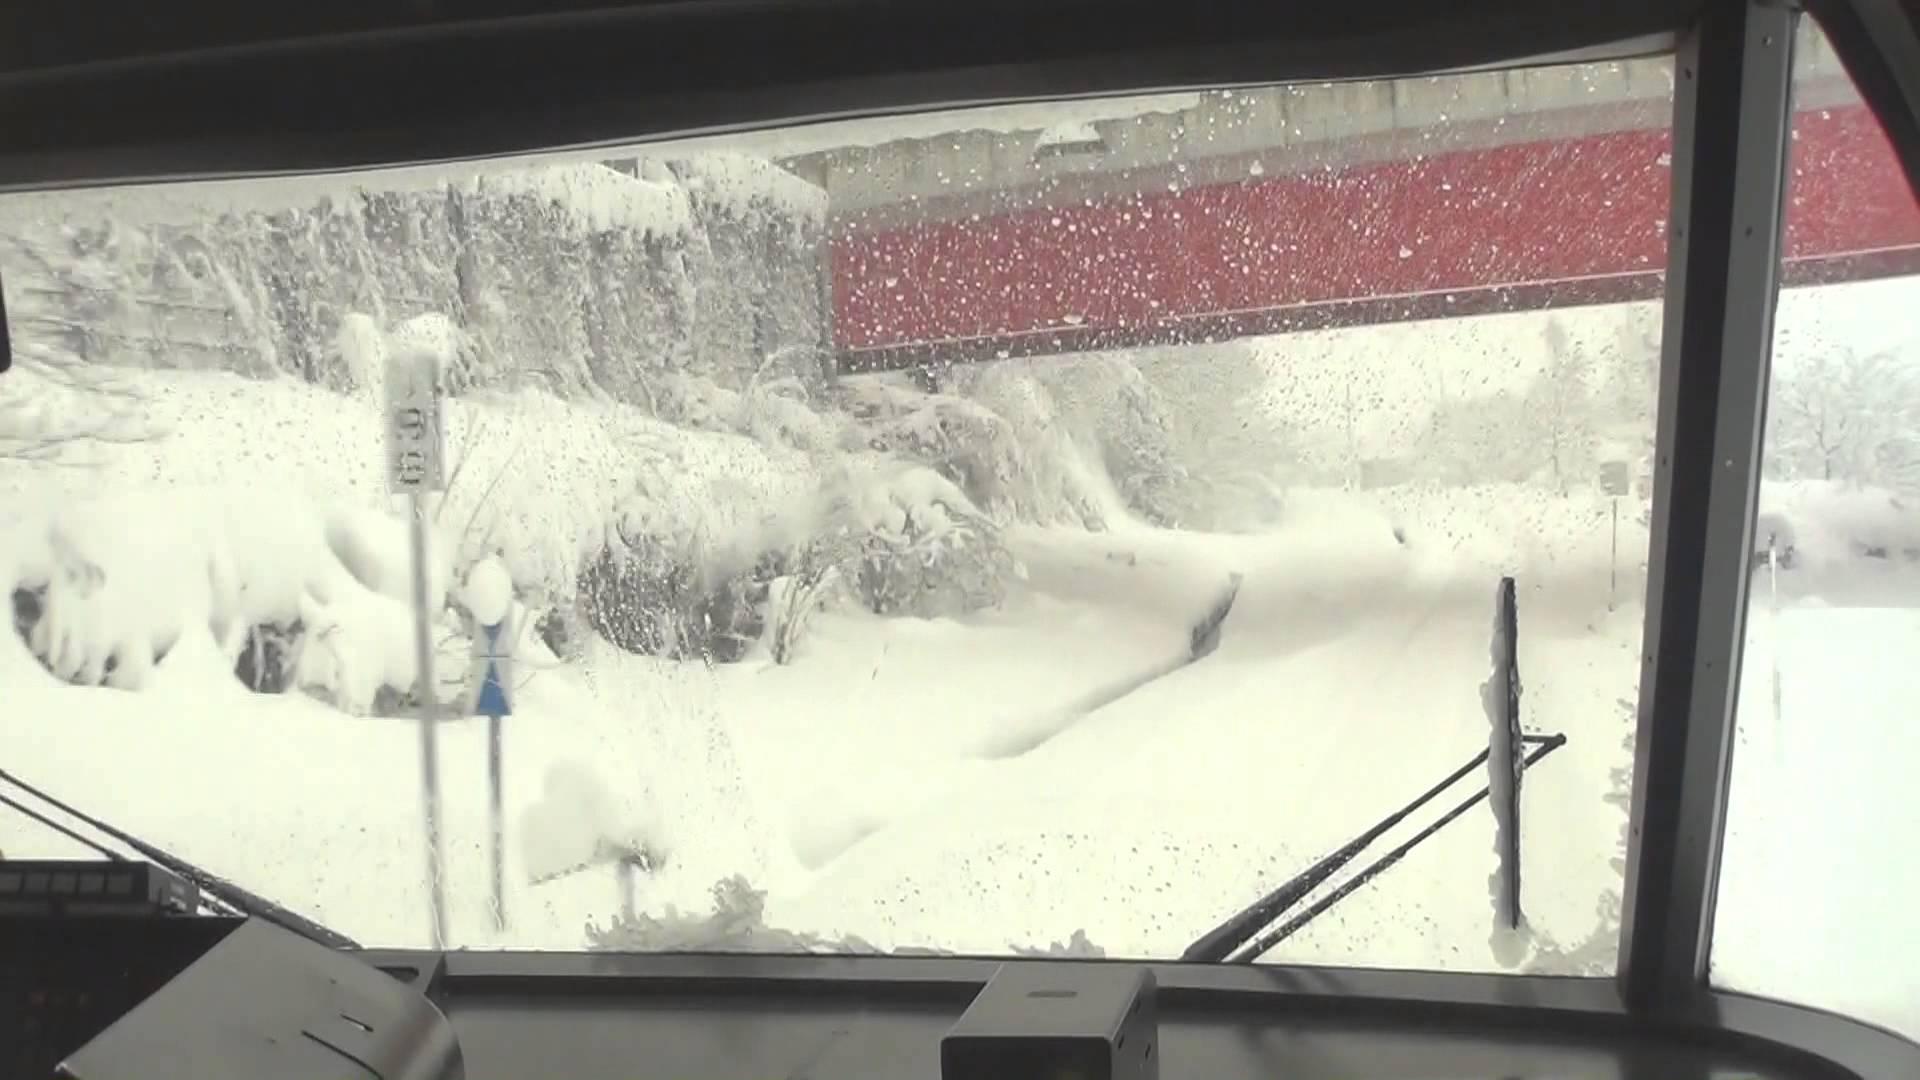 ワイドビューひだ3号 真冬の前面展望 高山→富山 2013/1